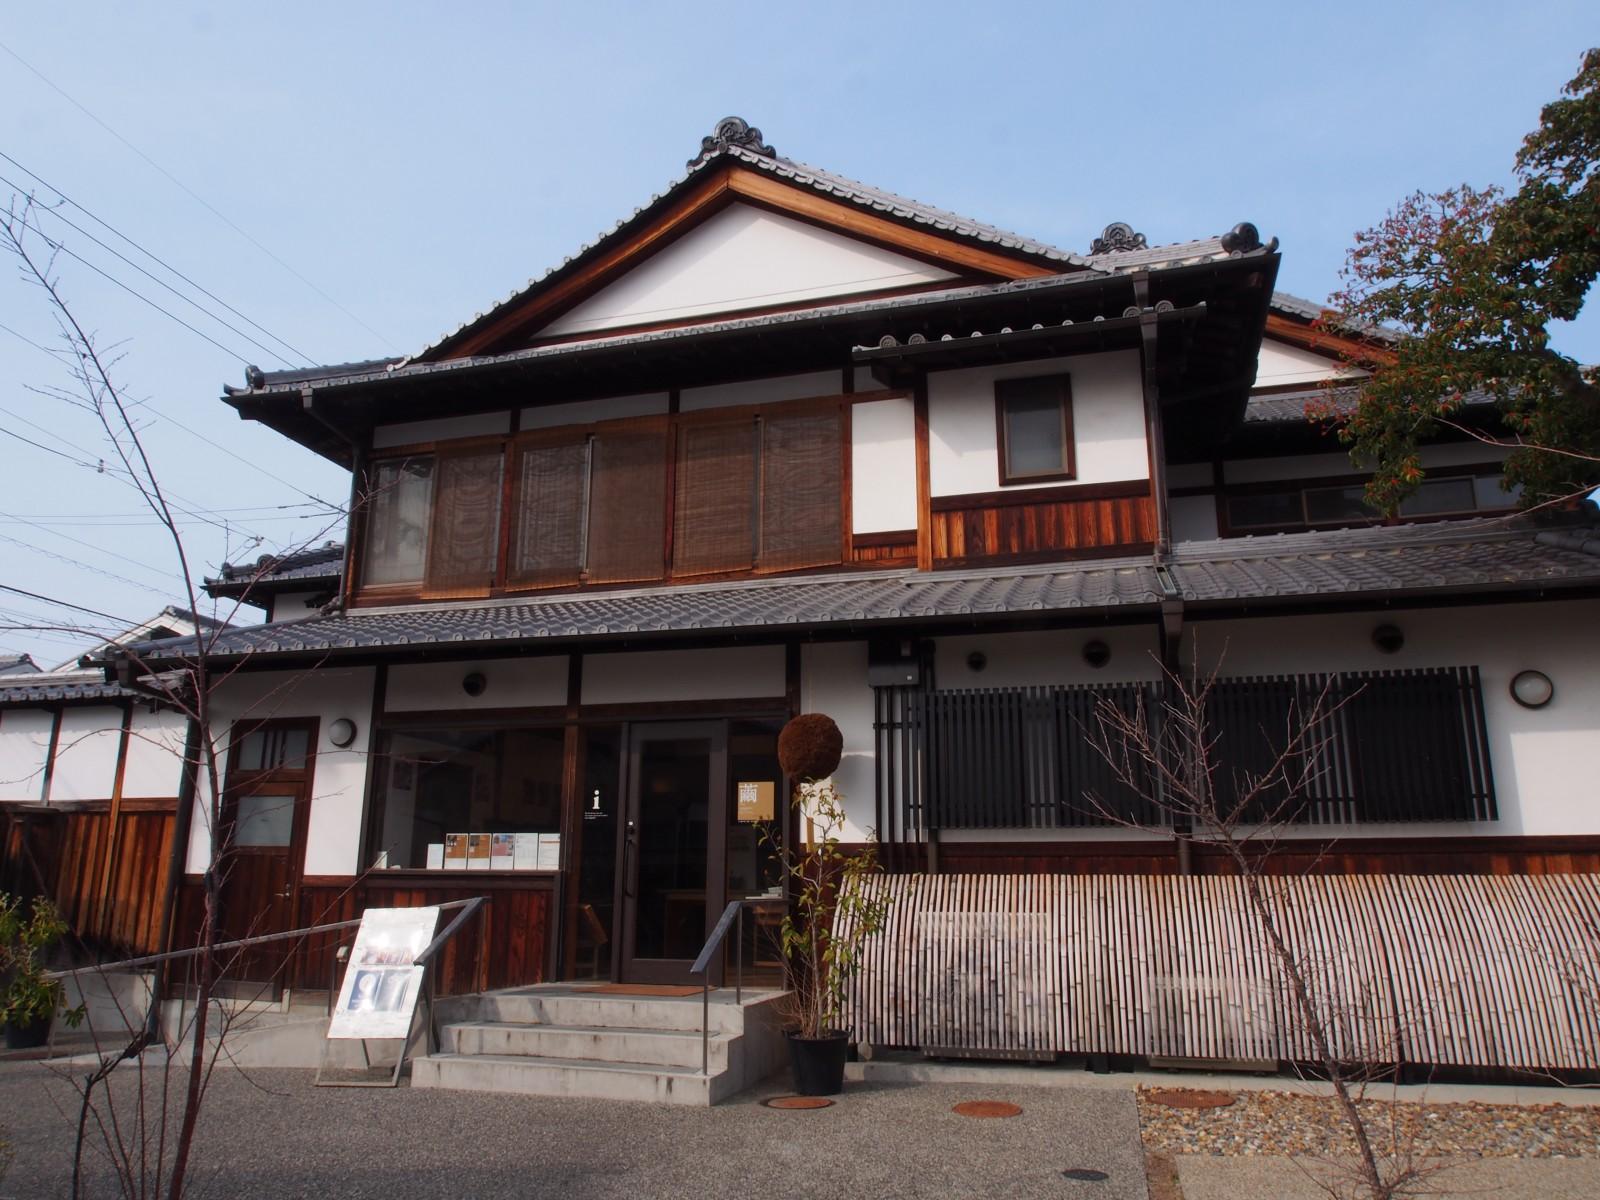 奈良町南観光案内所(鹿の舟)